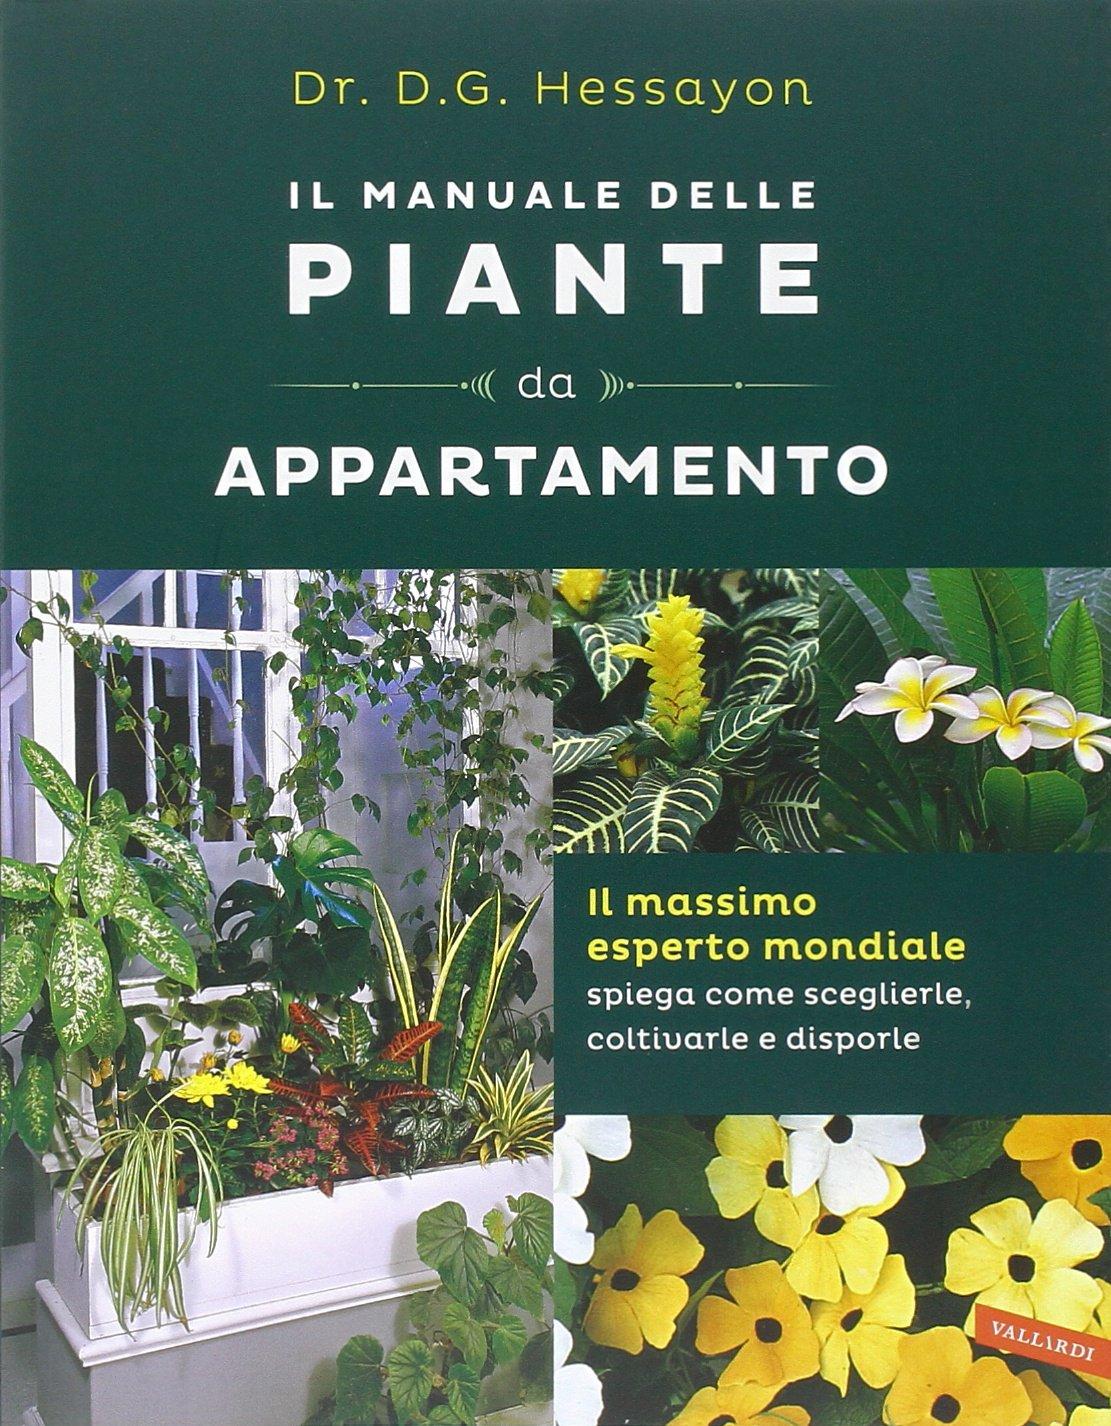 Piante Da Appartamento Amazon.Il Manuale Delle Piante Da Appartamento David G Hessayon